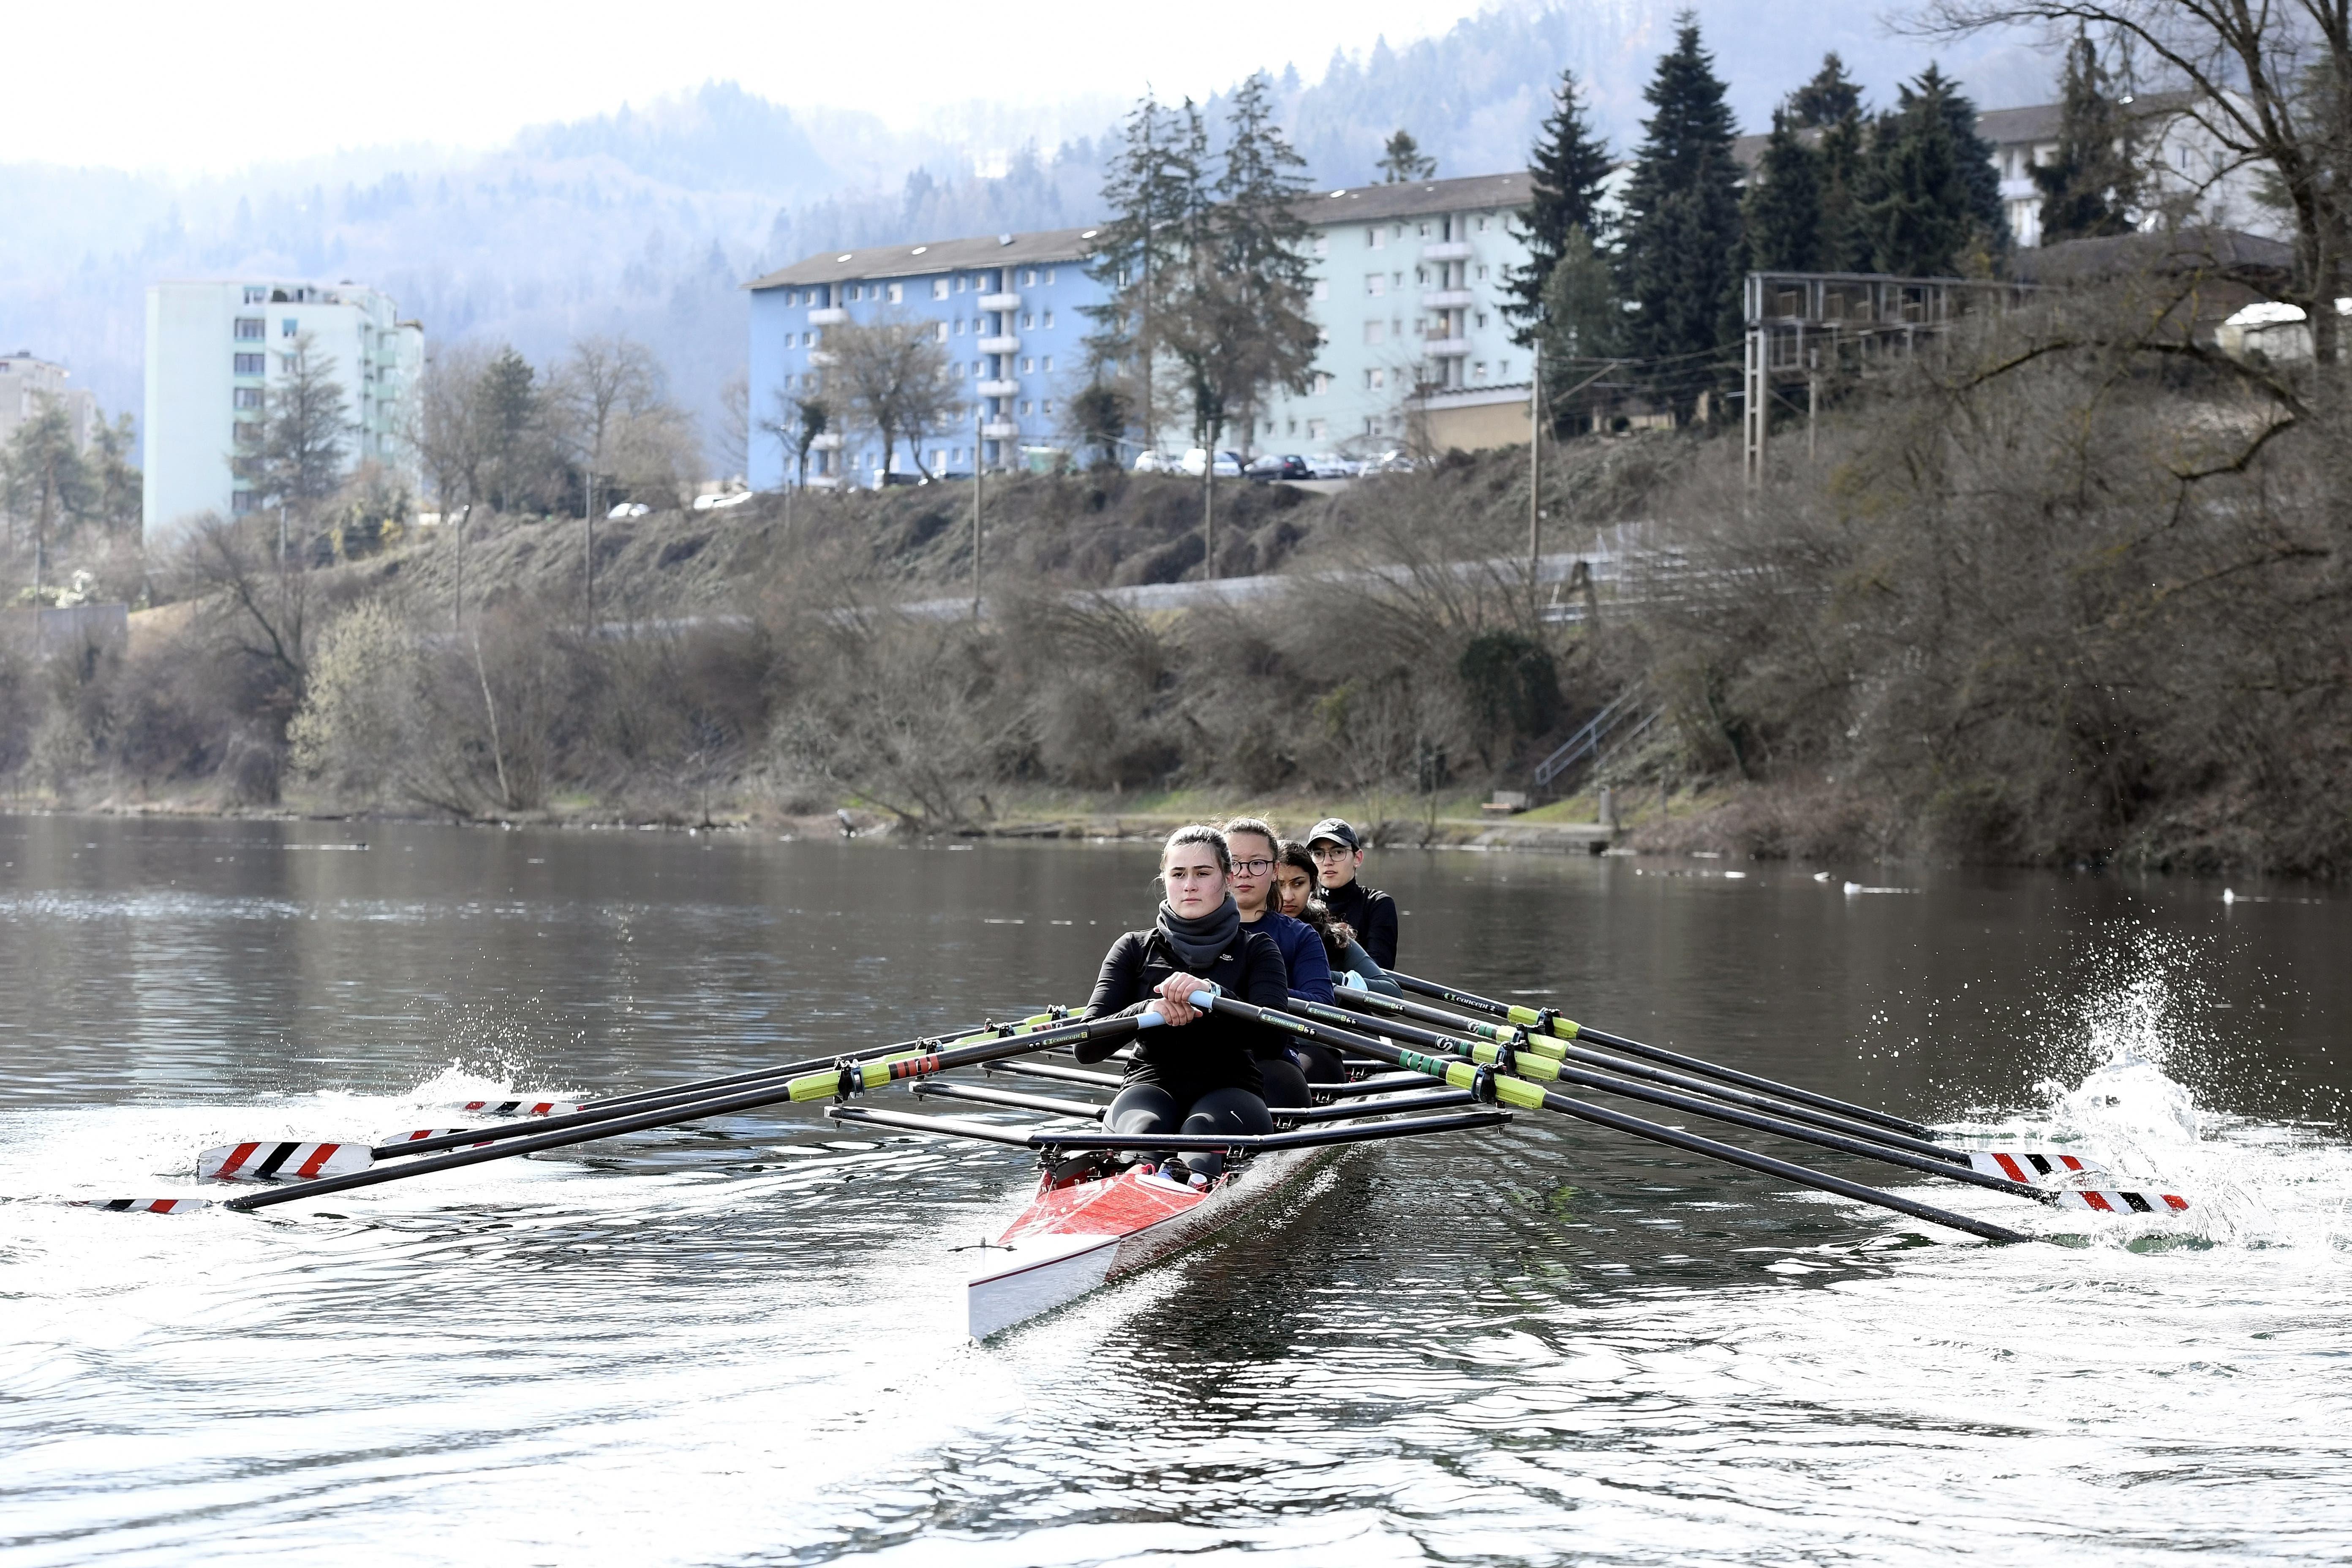 Impressionen aus dem Training des Ruderclub Baden auf dem Stausee Wettingen.